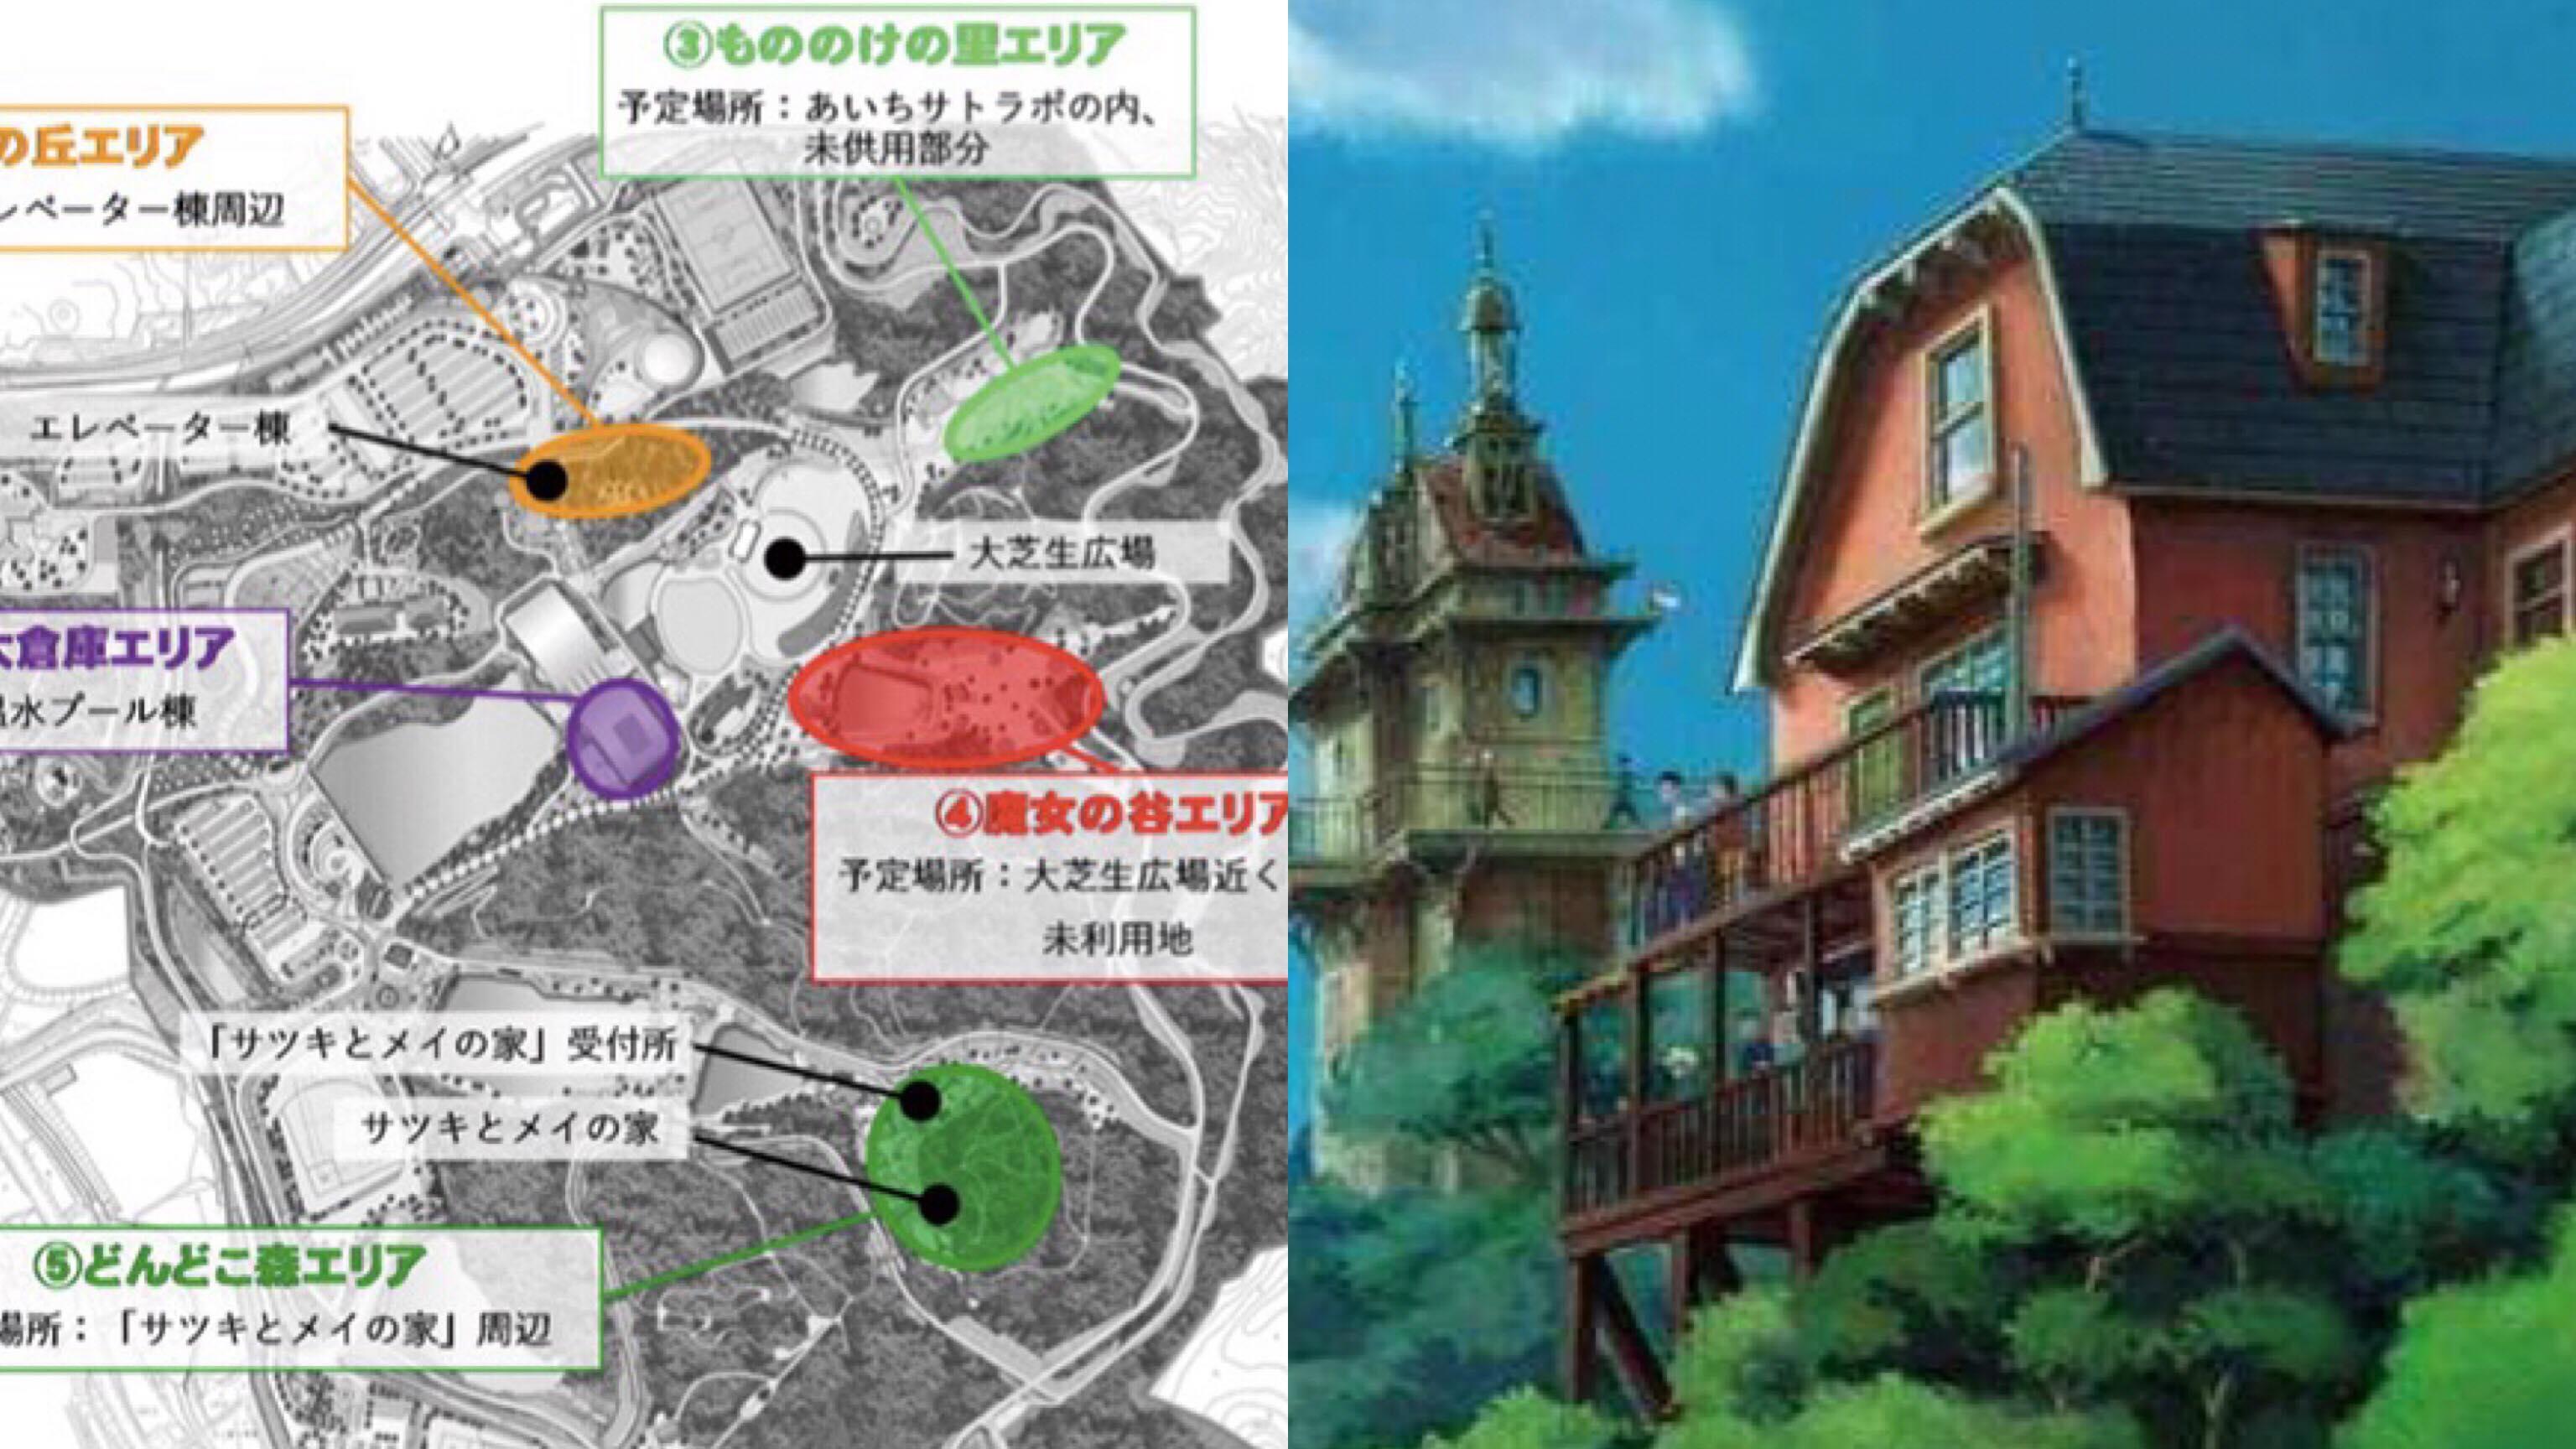 宮崎駿迷期待已久的「吉卜力主題公園」確定開幕,《龍貓》場景概念圖終於曝光了! – 我們用電影寫日記